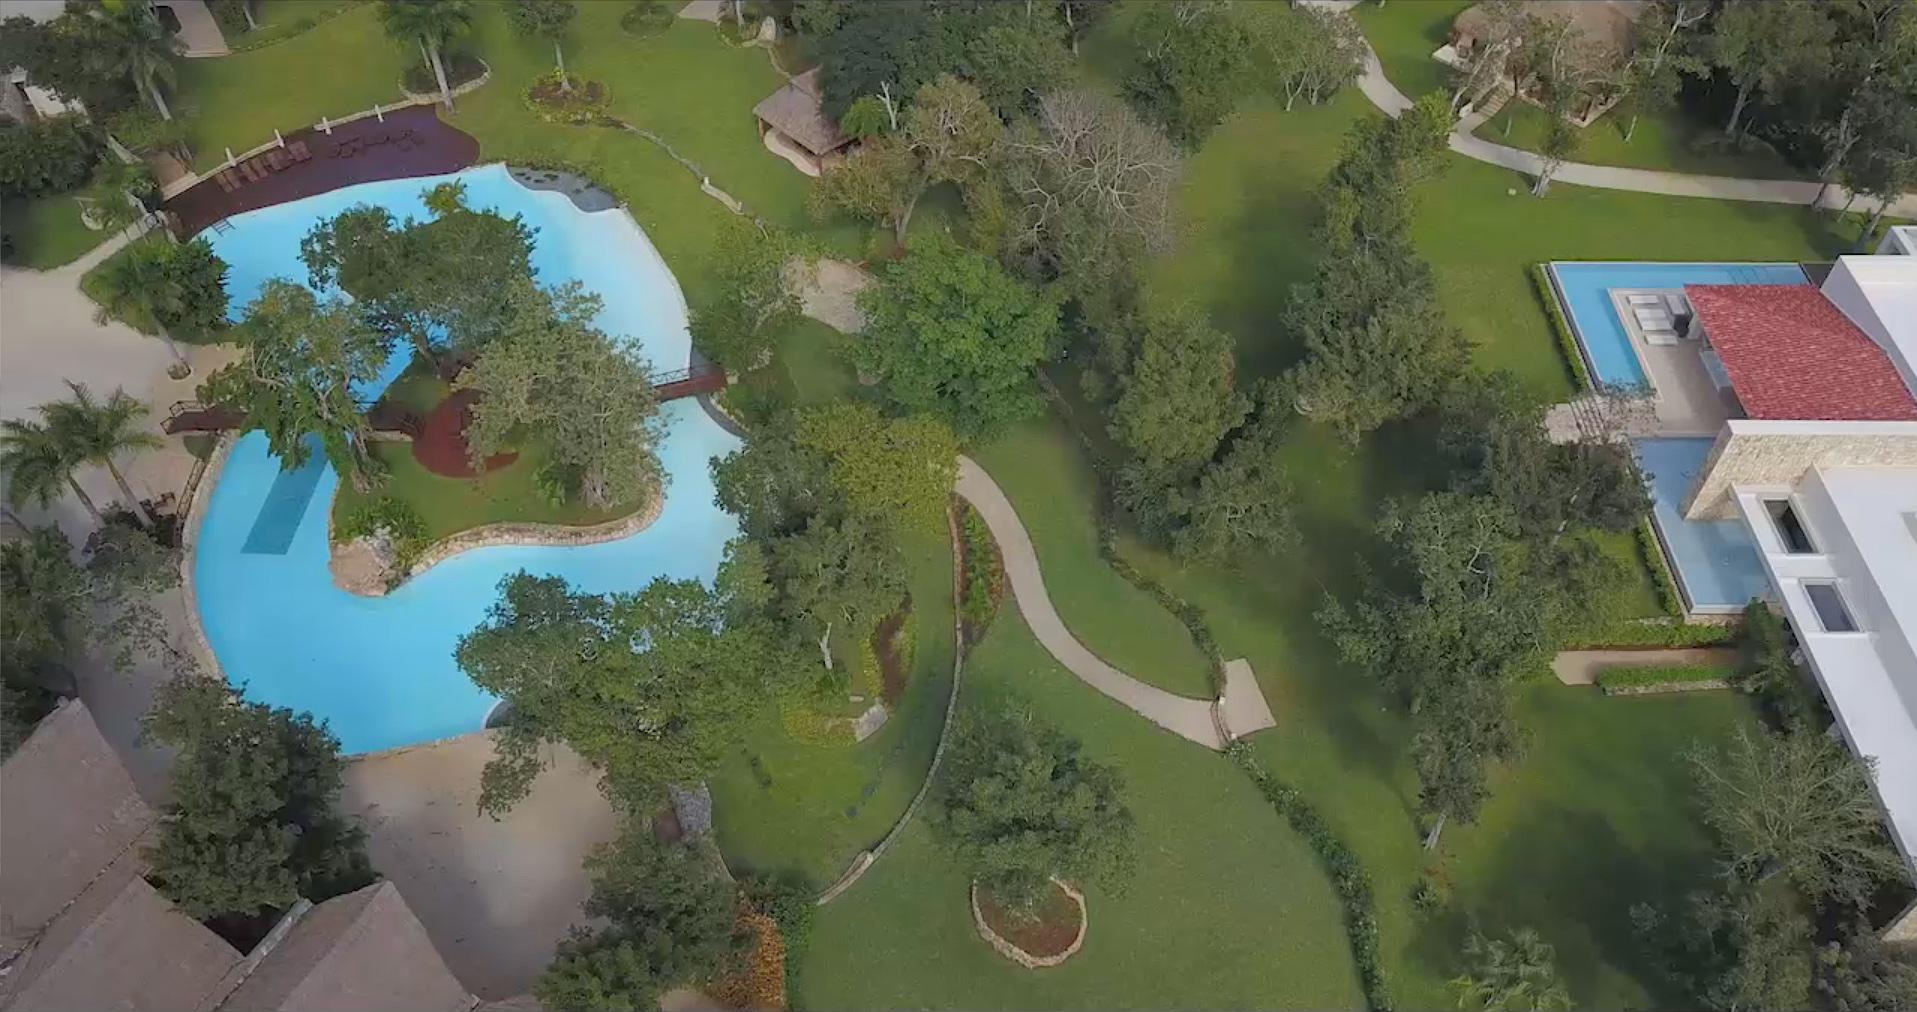 ixtul-aerial.jpg